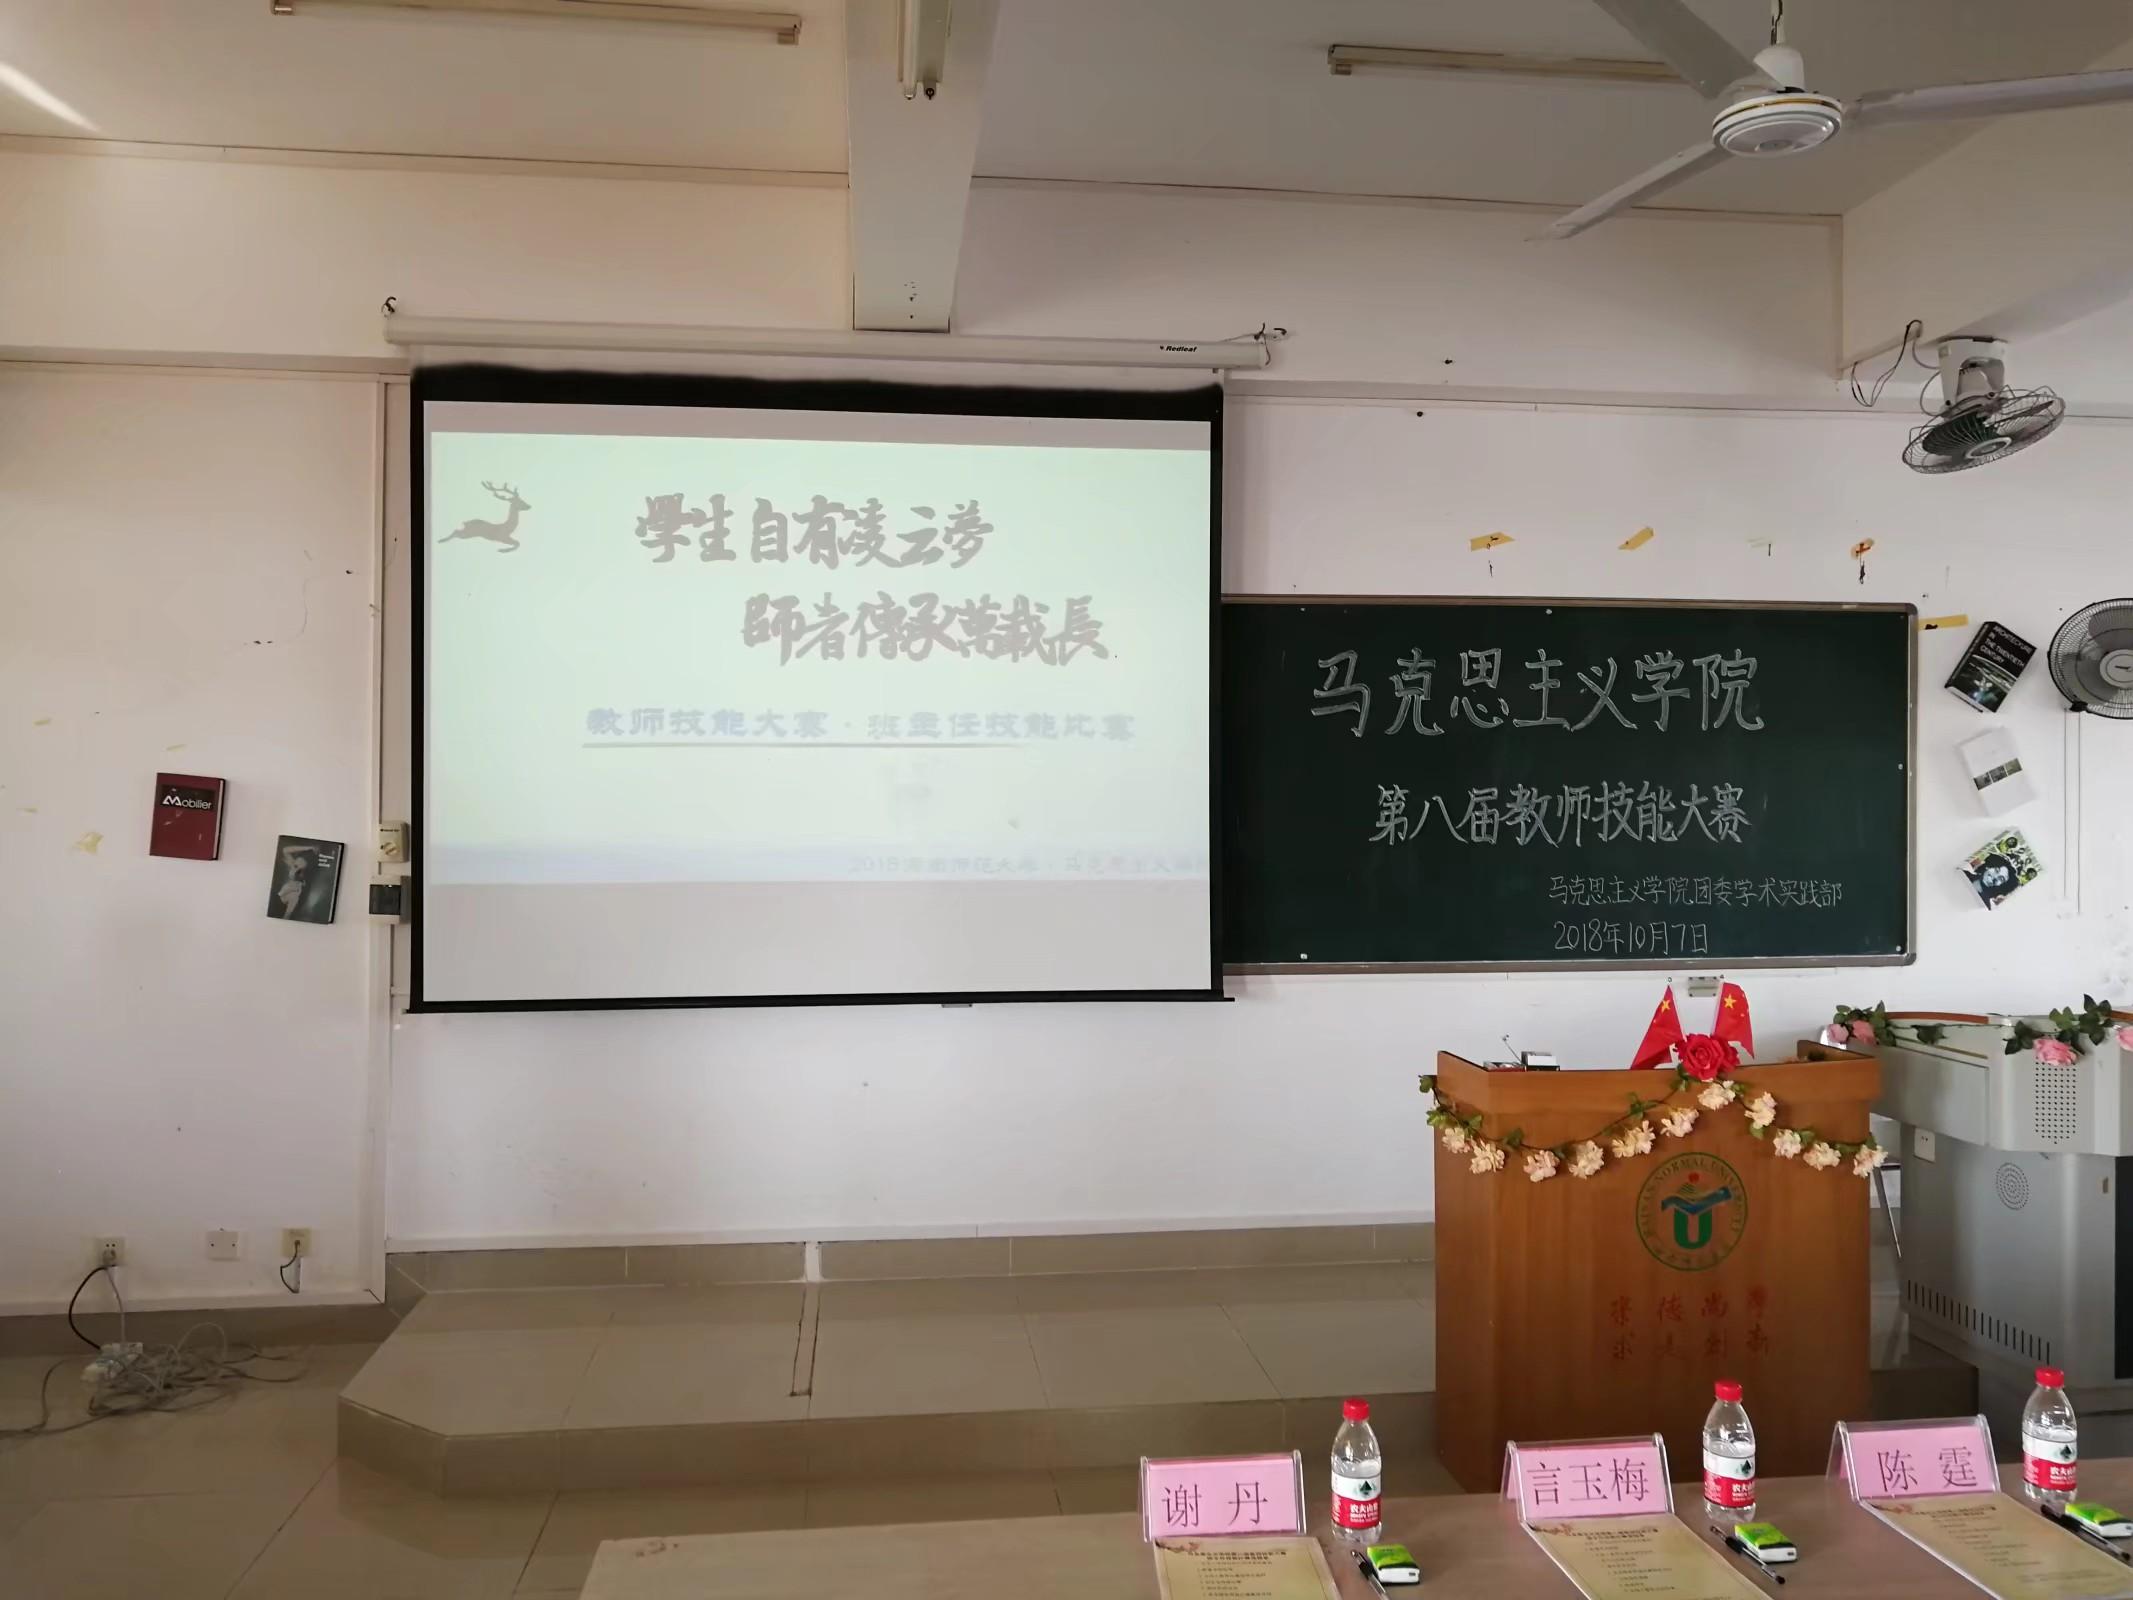 青年之声•马克思主义学院举行第八届教师技能大赛